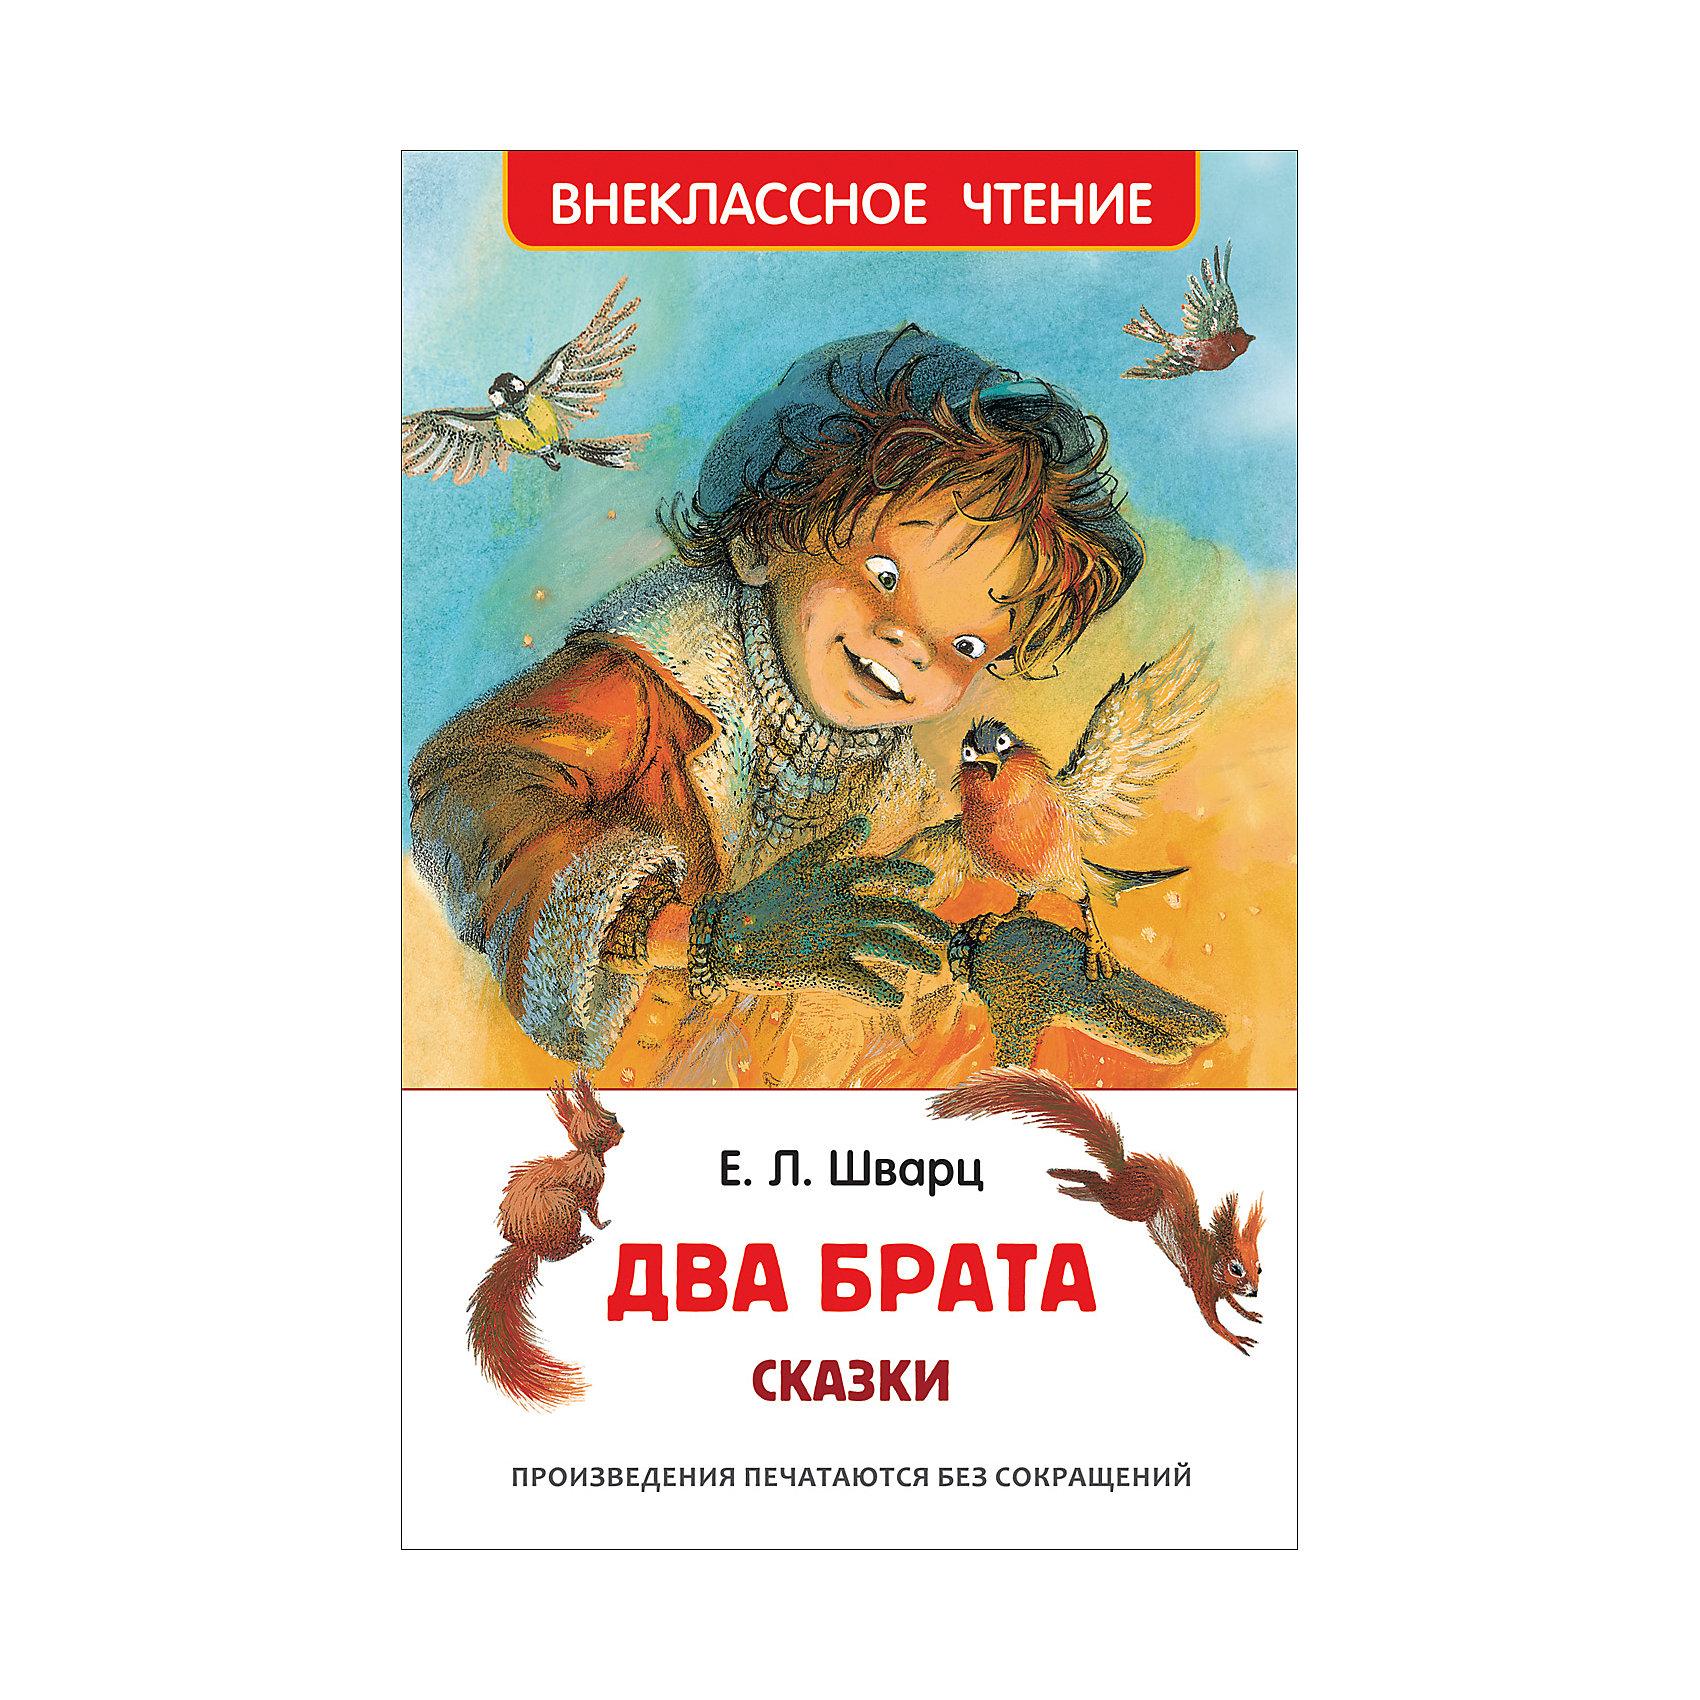 Рассказы Два братаРосмэн<br>Характеристики:<br>• автор: Евгений Шварц;<br>• иллюстратор: Е. Борисова;<br>• переплет: твердый;<br>• формат: 20,2х13х0,9 см;<br>• вес: 185 грамм;<br>• ISBN: 9785353082095.<br><br>В книгу вошли одни из самых известных рассказов Евгения Шварца. Дети узнают о ледяном царстве Дедушки Мороза и узнают, может ли лошадь превратиться в кошку. Понятное изложение и красивые иллюстрации сделают чтение еще интереснее.<br><br>Рассказы Два брата, Rosman (Росмэн) можно купить в нашем интернет-магазине.<br><br>Ширина мм: 202<br>Глубина мм: 130<br>Высота мм: 90<br>Вес г: 152<br>Возраст от месяцев: 84<br>Возраст до месяцев: 2147483647<br>Пол: Унисекс<br>Возраст: Детский<br>SKU: 5453566